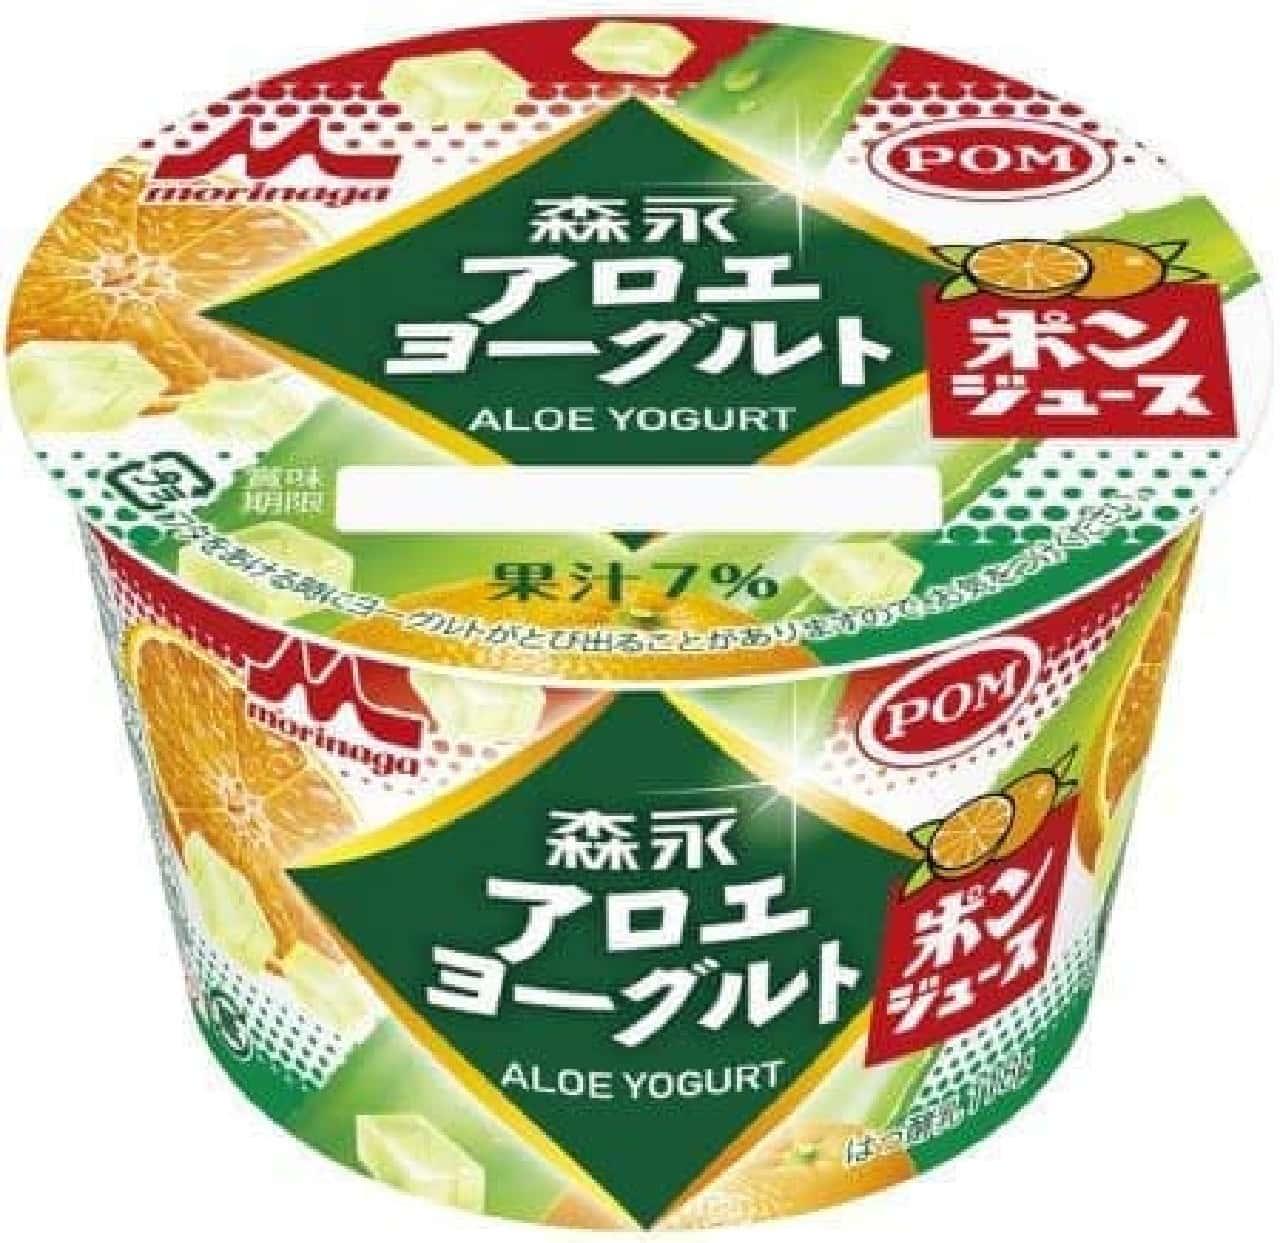 森永アロエヨーグルト ポンジュース味